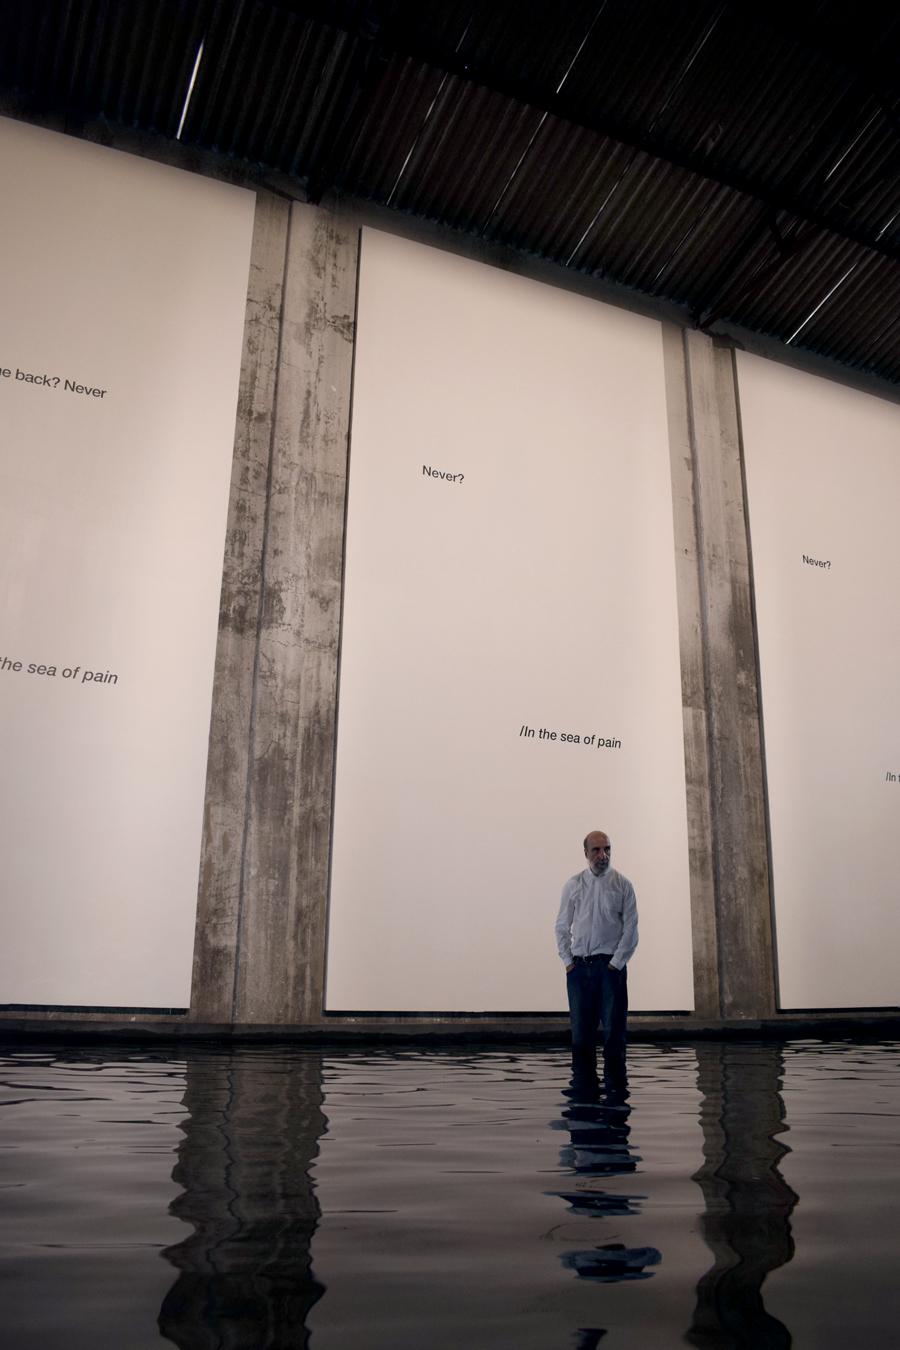 """Cabe mencionar entre sus distinciones más importantes la Beca Guggenheim en 1984, el Premio Nacional de Literatura en el 2000, y en el 2016, el Premio Iberoamericano de Poesía Pablo Neruda.En la Kochi-Muziris Biennale 2016 presentó el poema-instalación """"Sea of Pain"""", recordando a las víctimas y refugiados de la crisis en Siria y a Alan Kourdi, el niño de 3 años que apareció muerto en una playa en Turquía. -"""